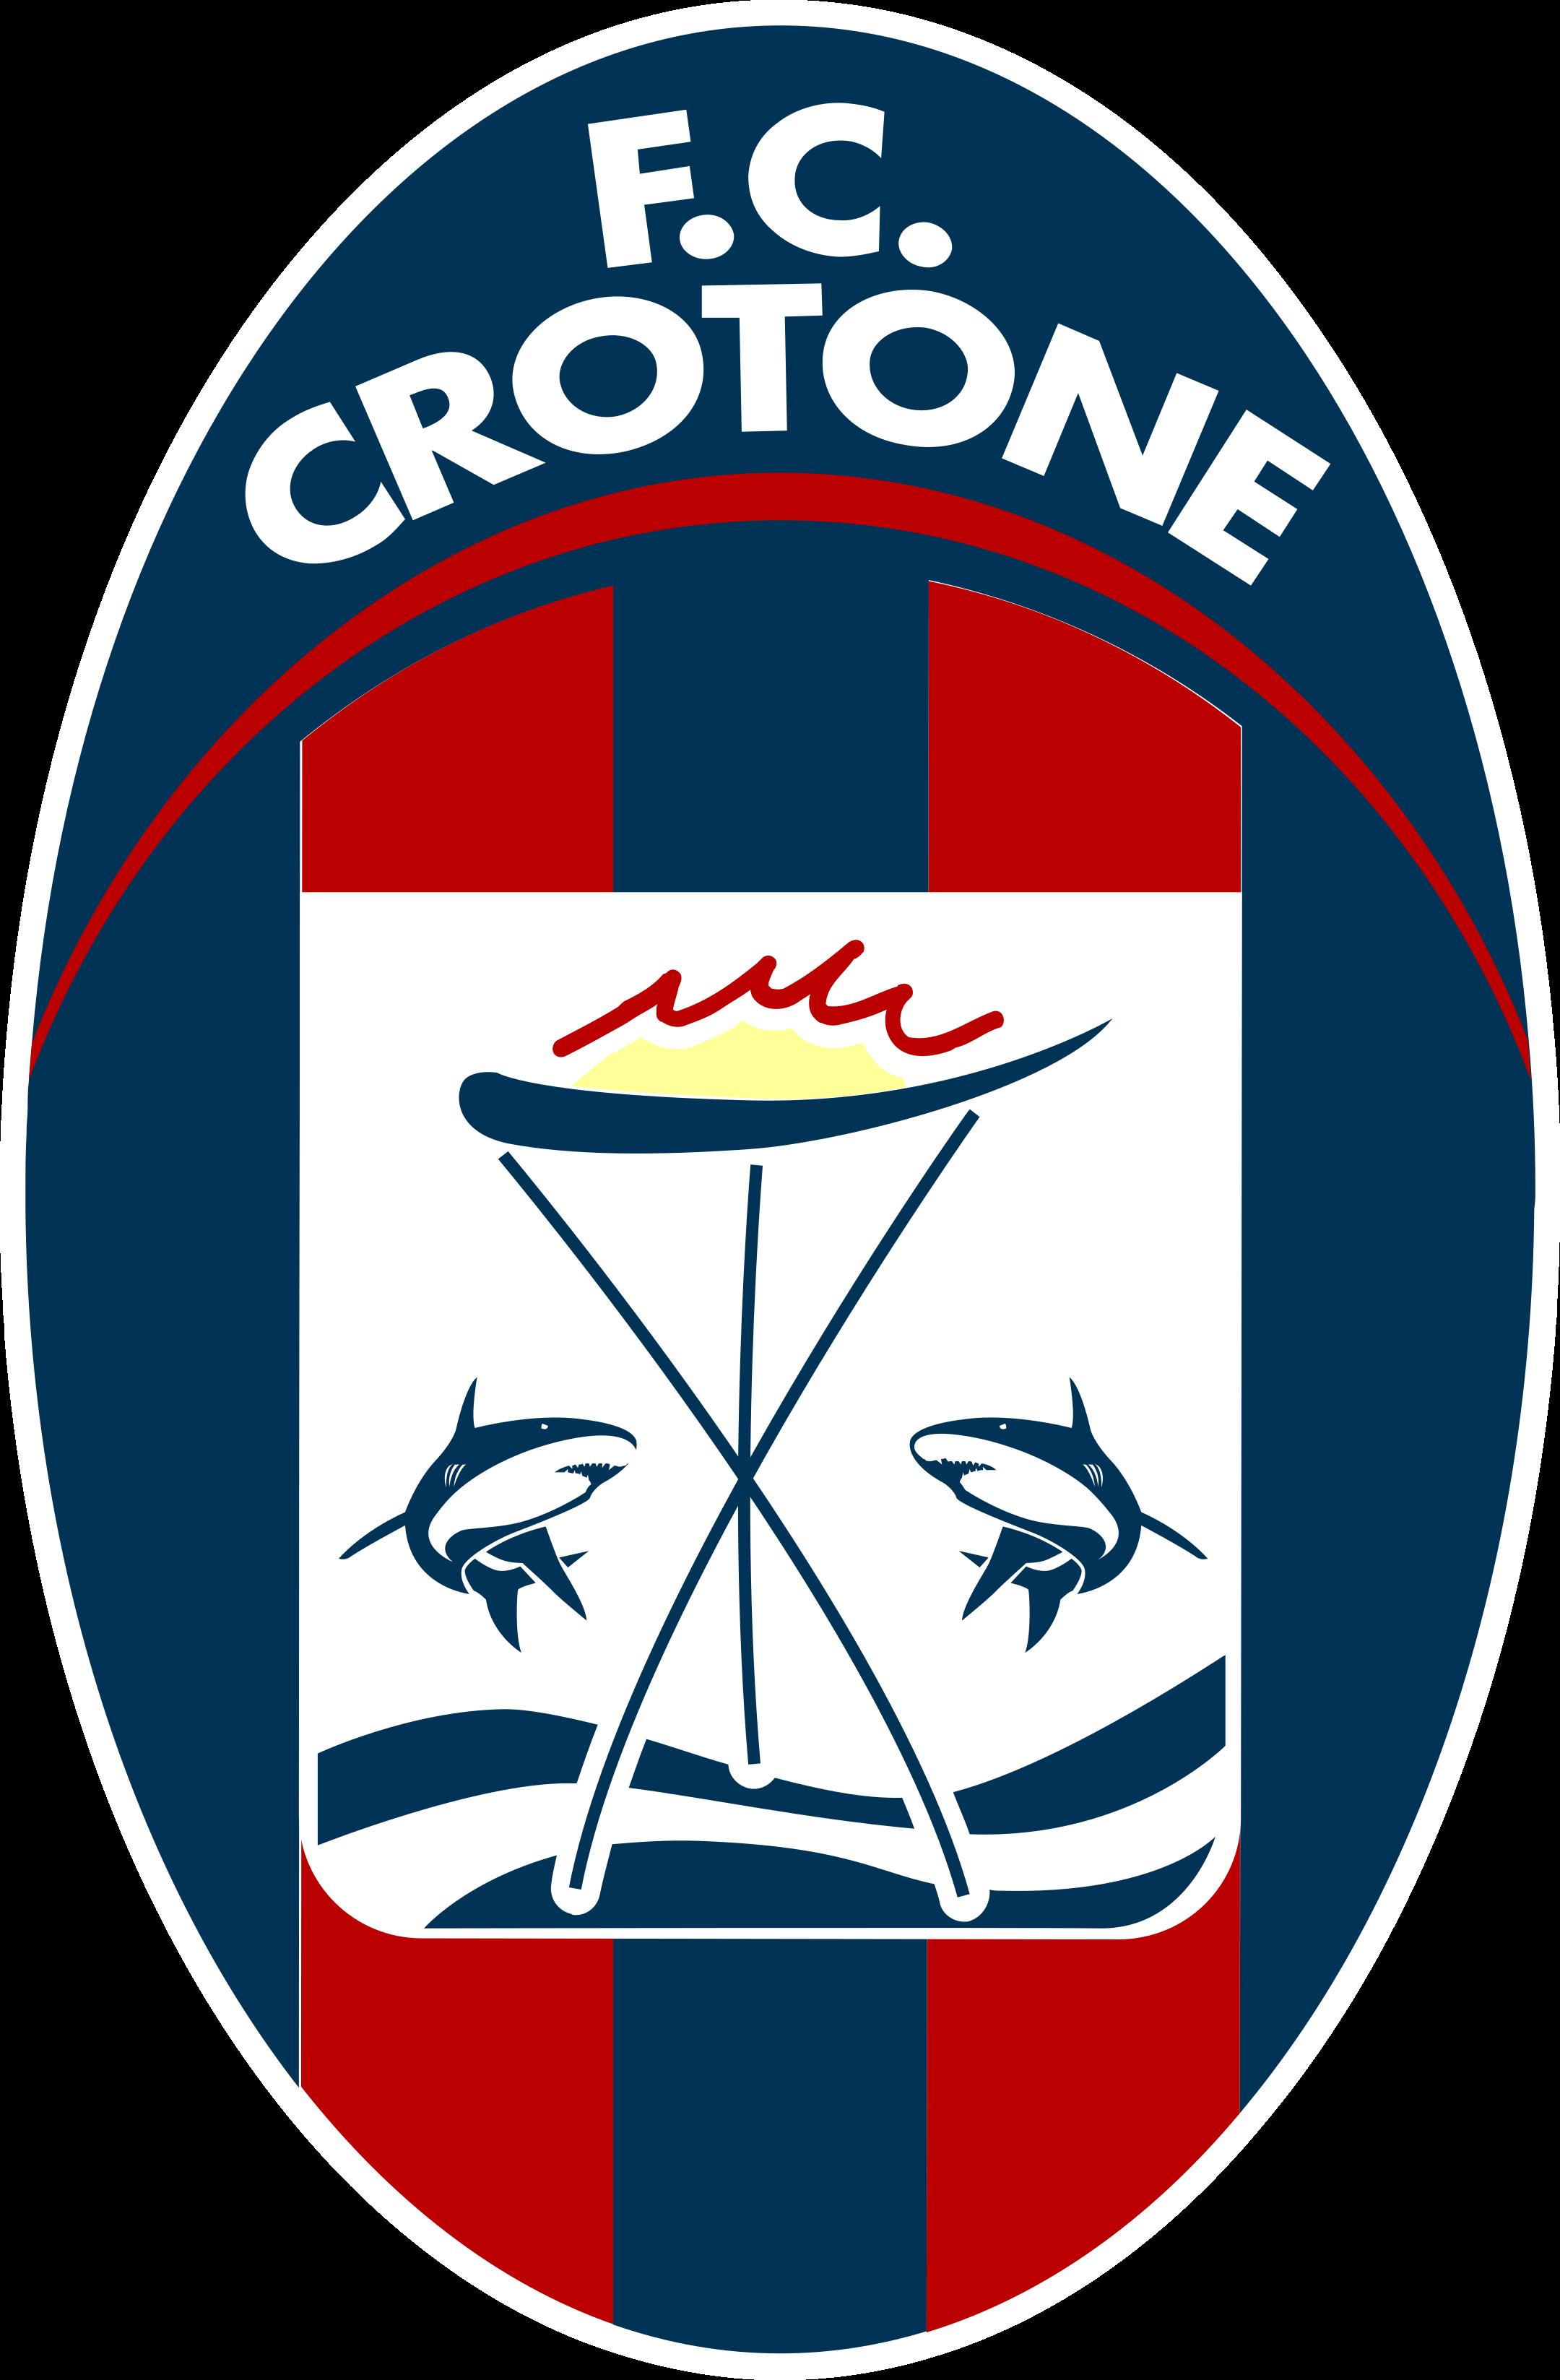 fc crotone logo 1 - FC Crotone Logo